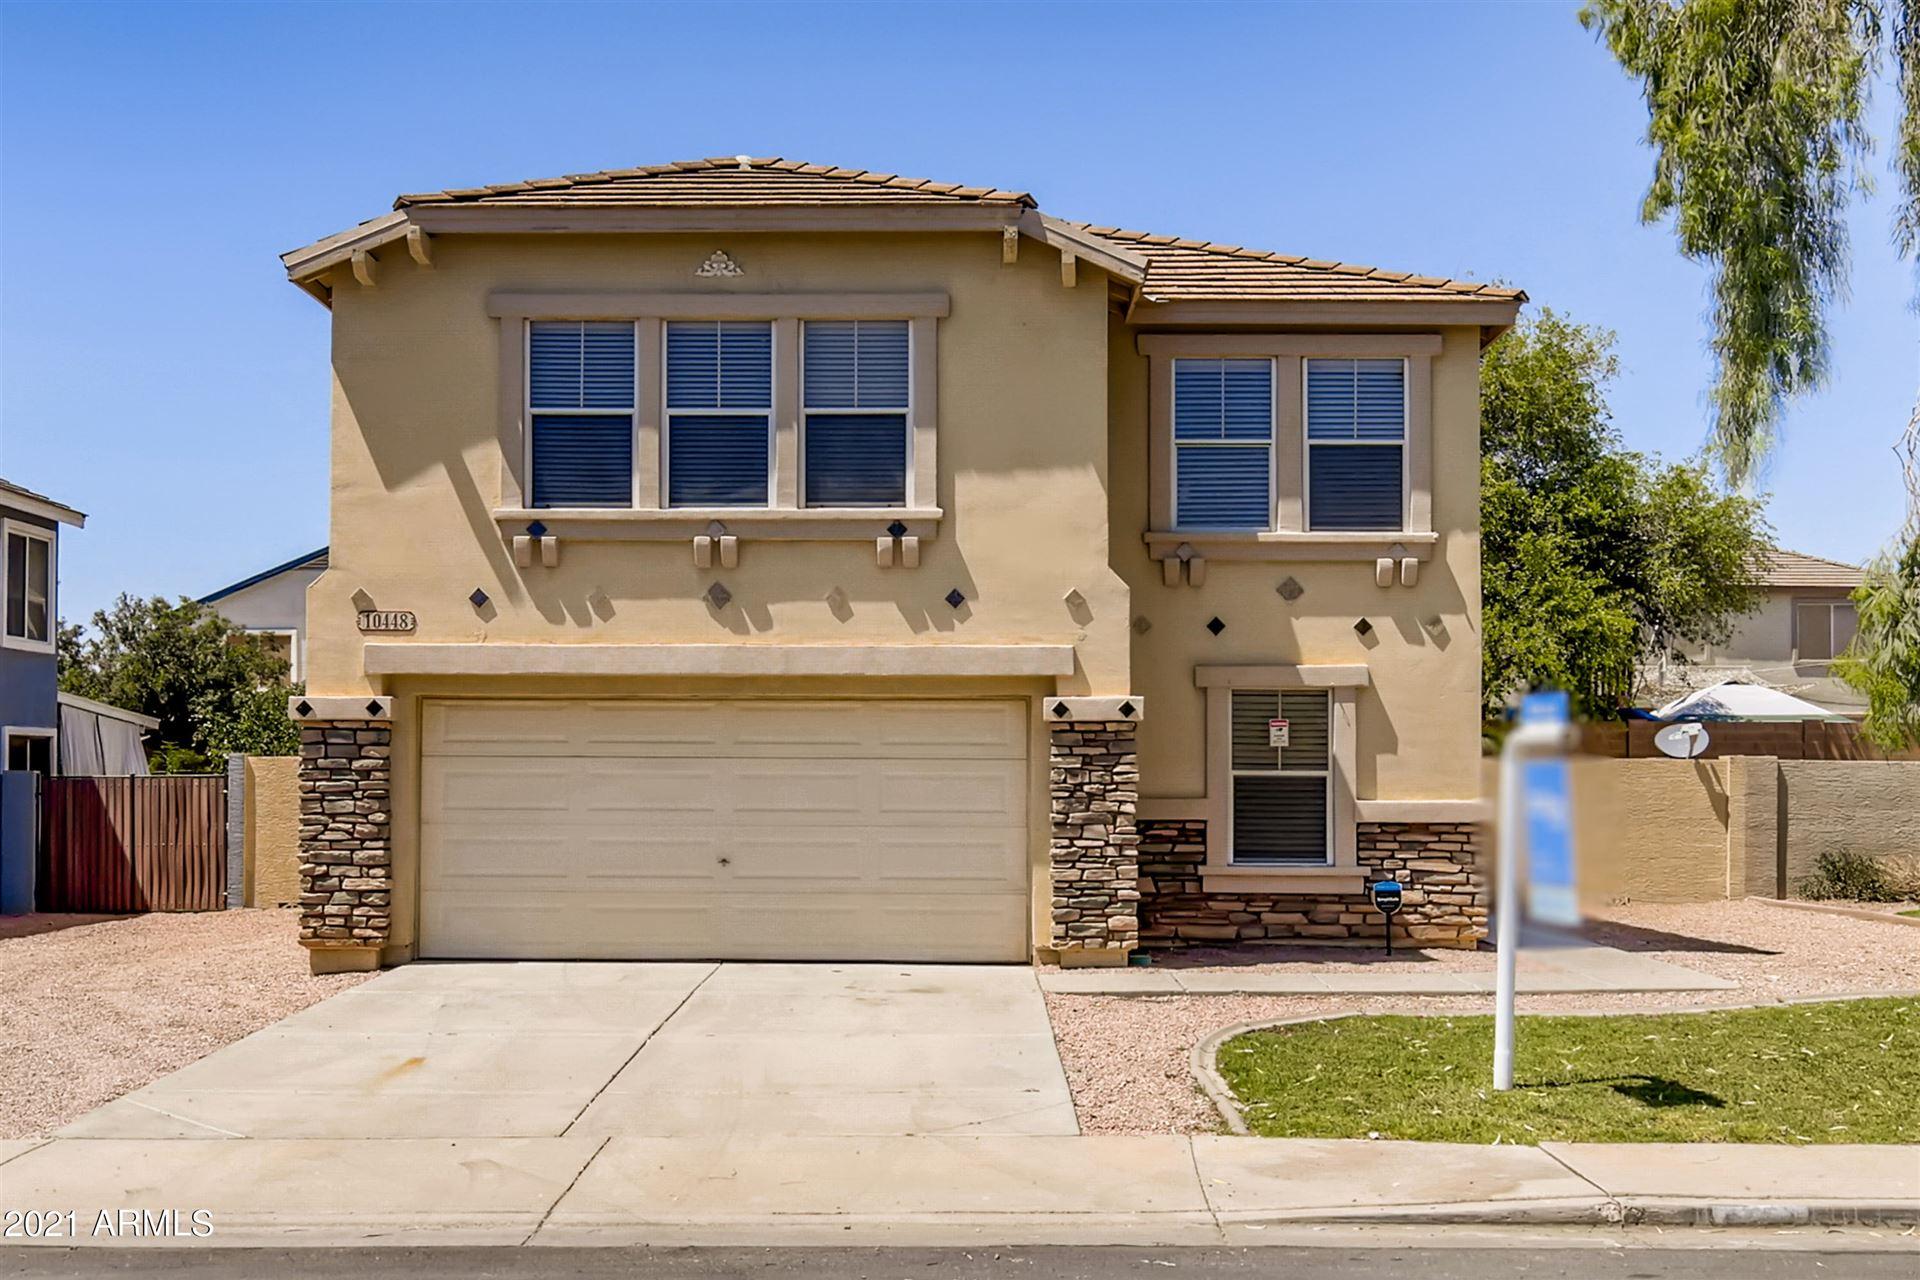 10448 E OBISPO Avenue, Mesa, AZ 85212 - MLS#: 6243953